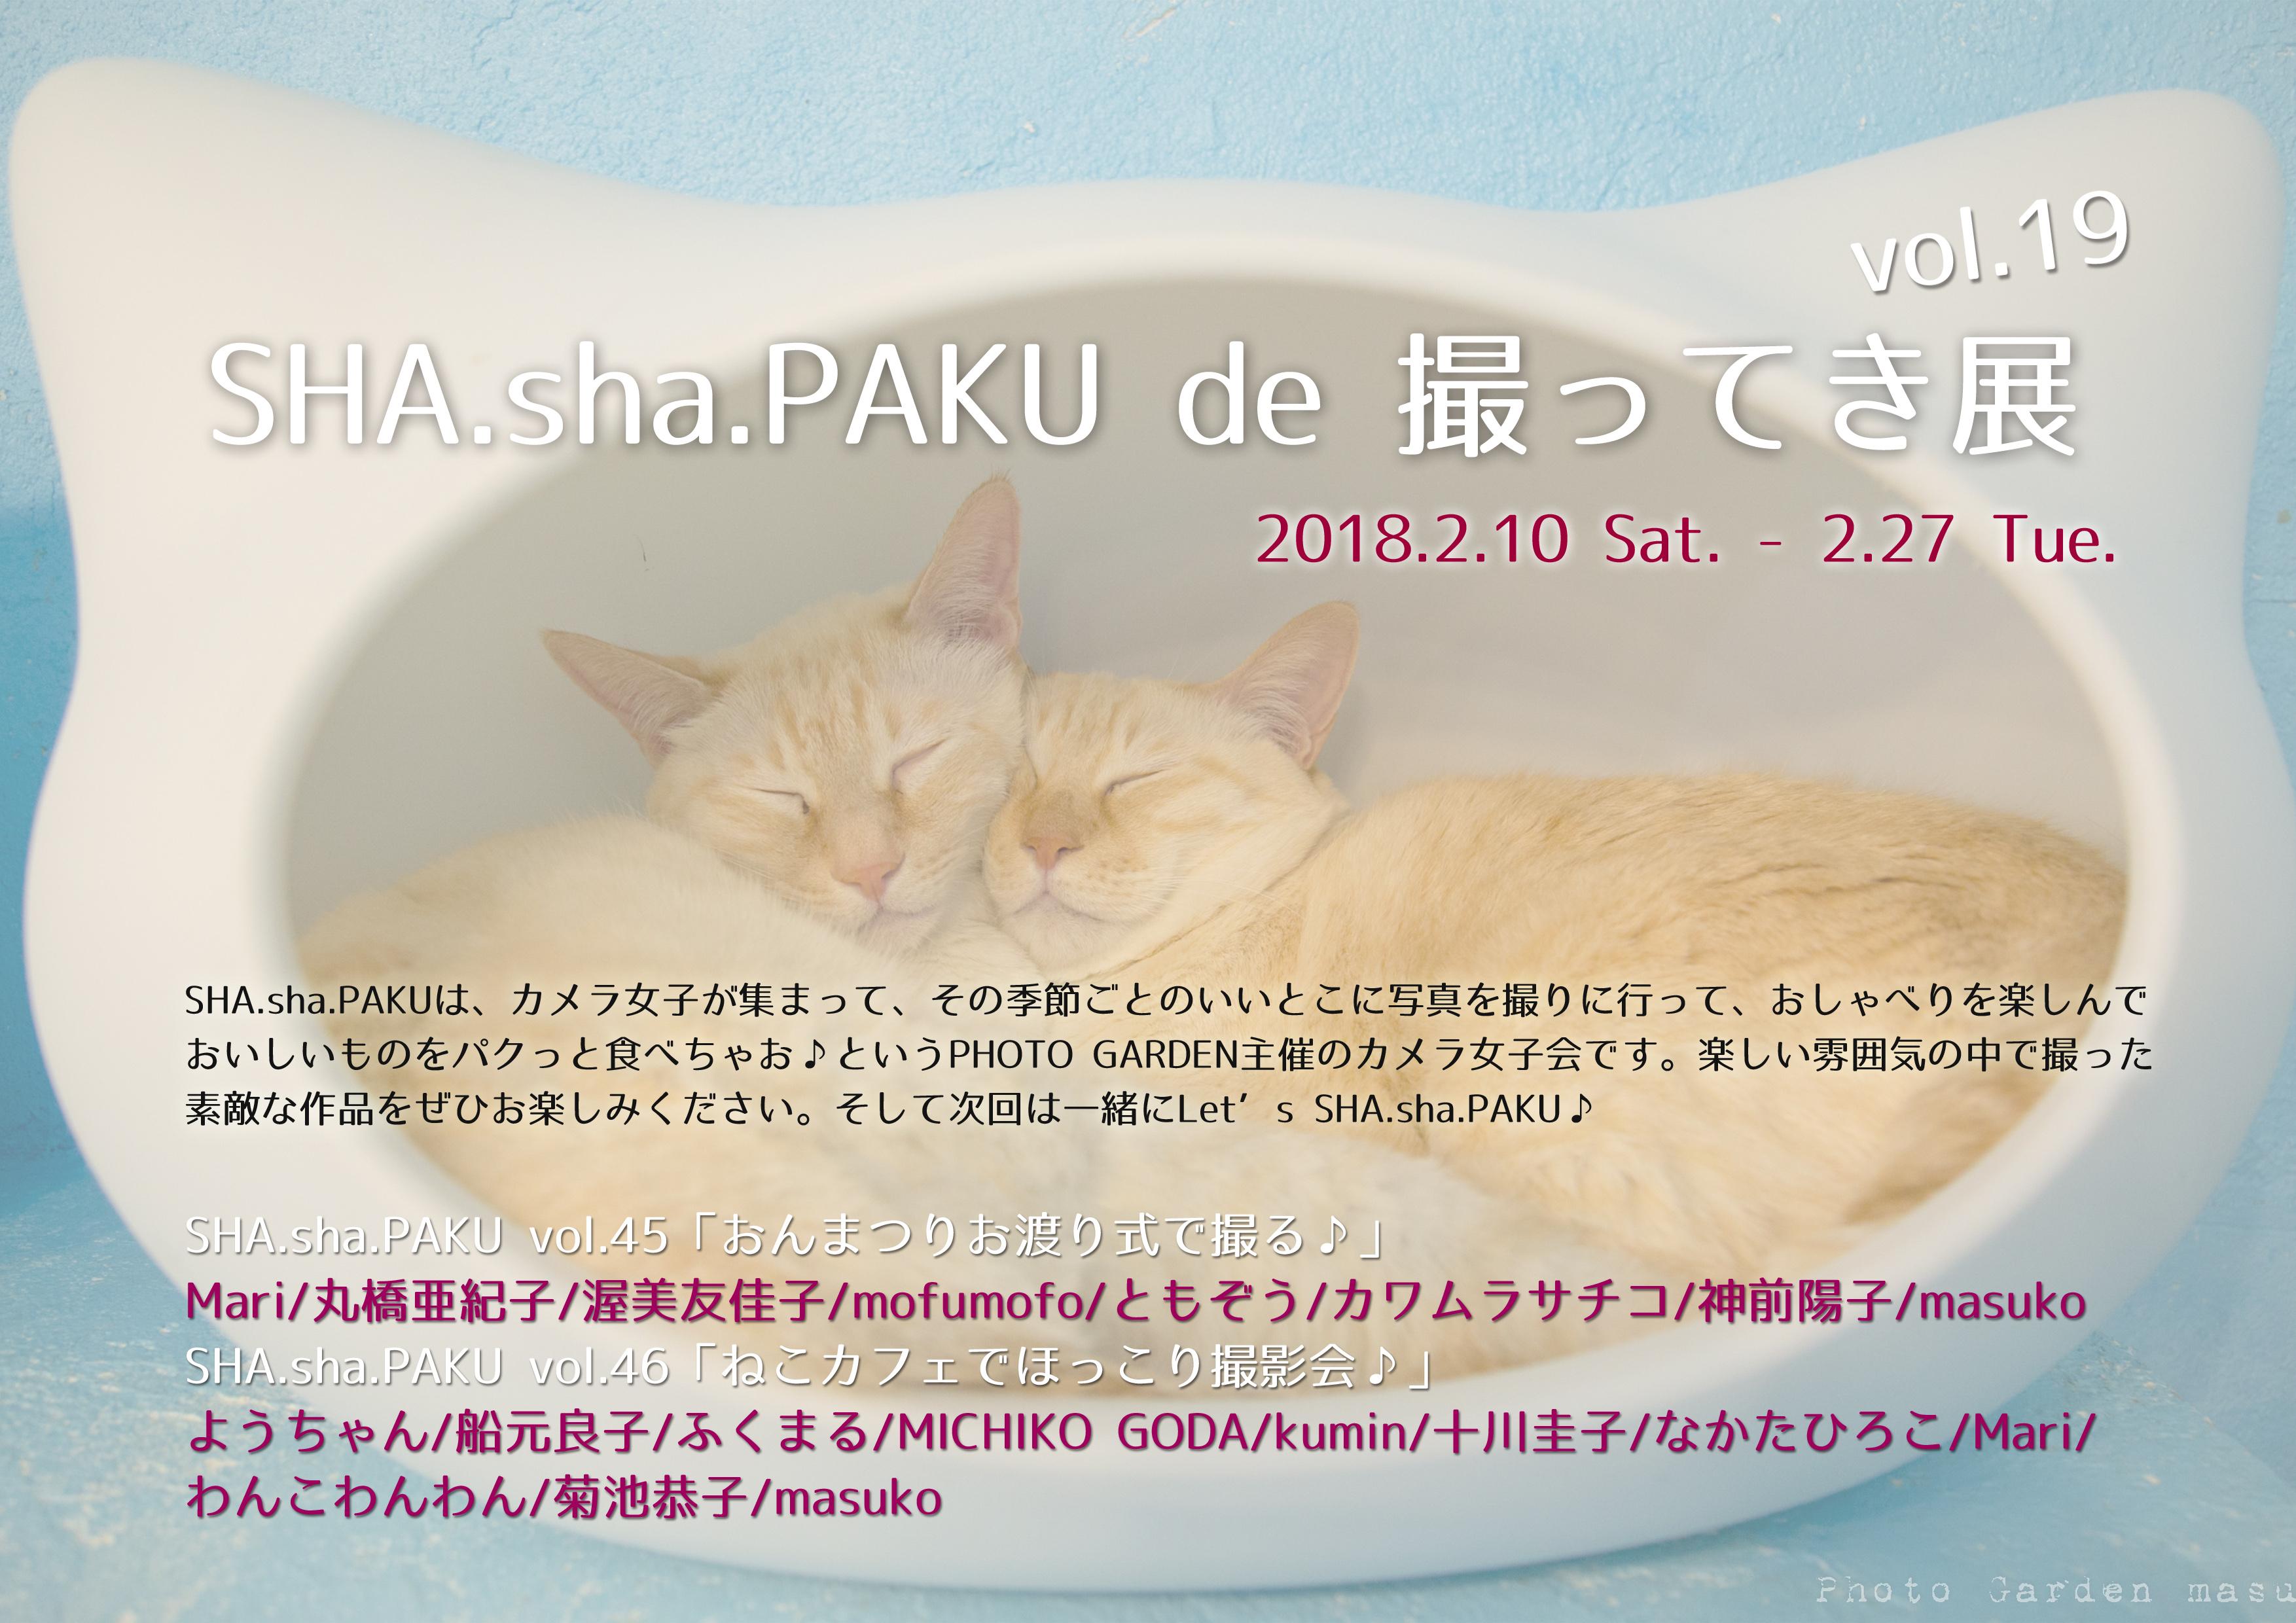 SHA.sha.PAKU de 撮ってき展 vol.19 最終日